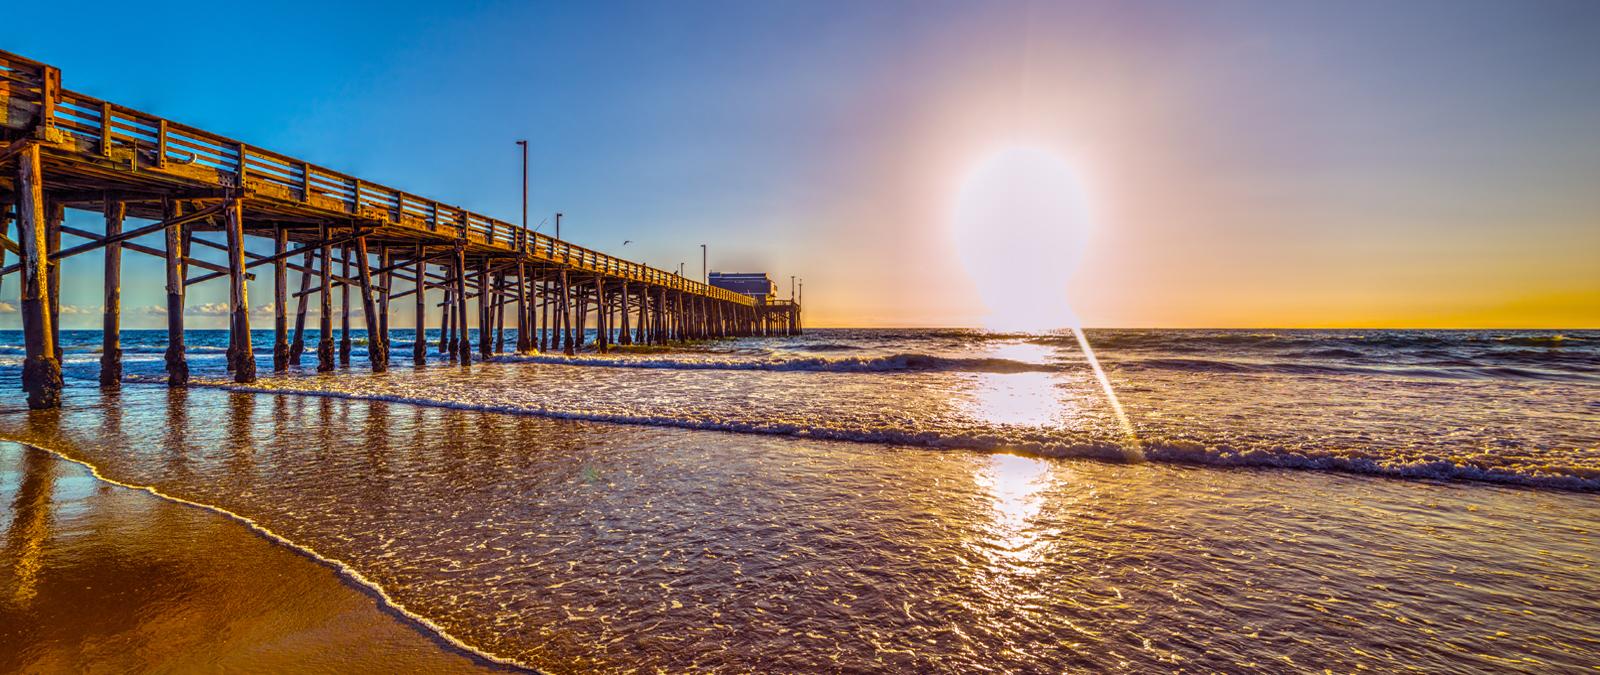 newport beach - photo #24